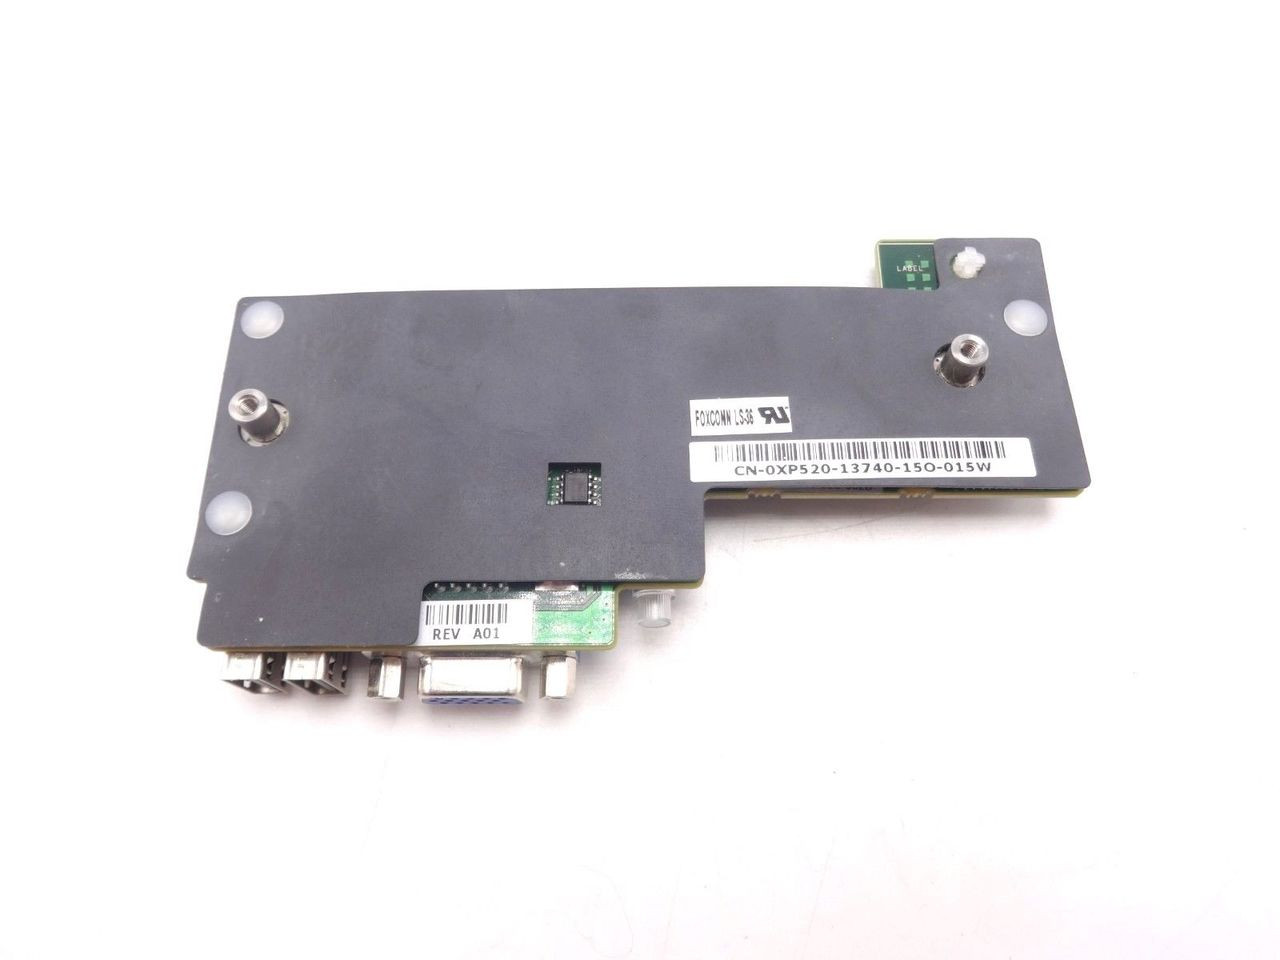 Dell XP520 M1000E Control Panel